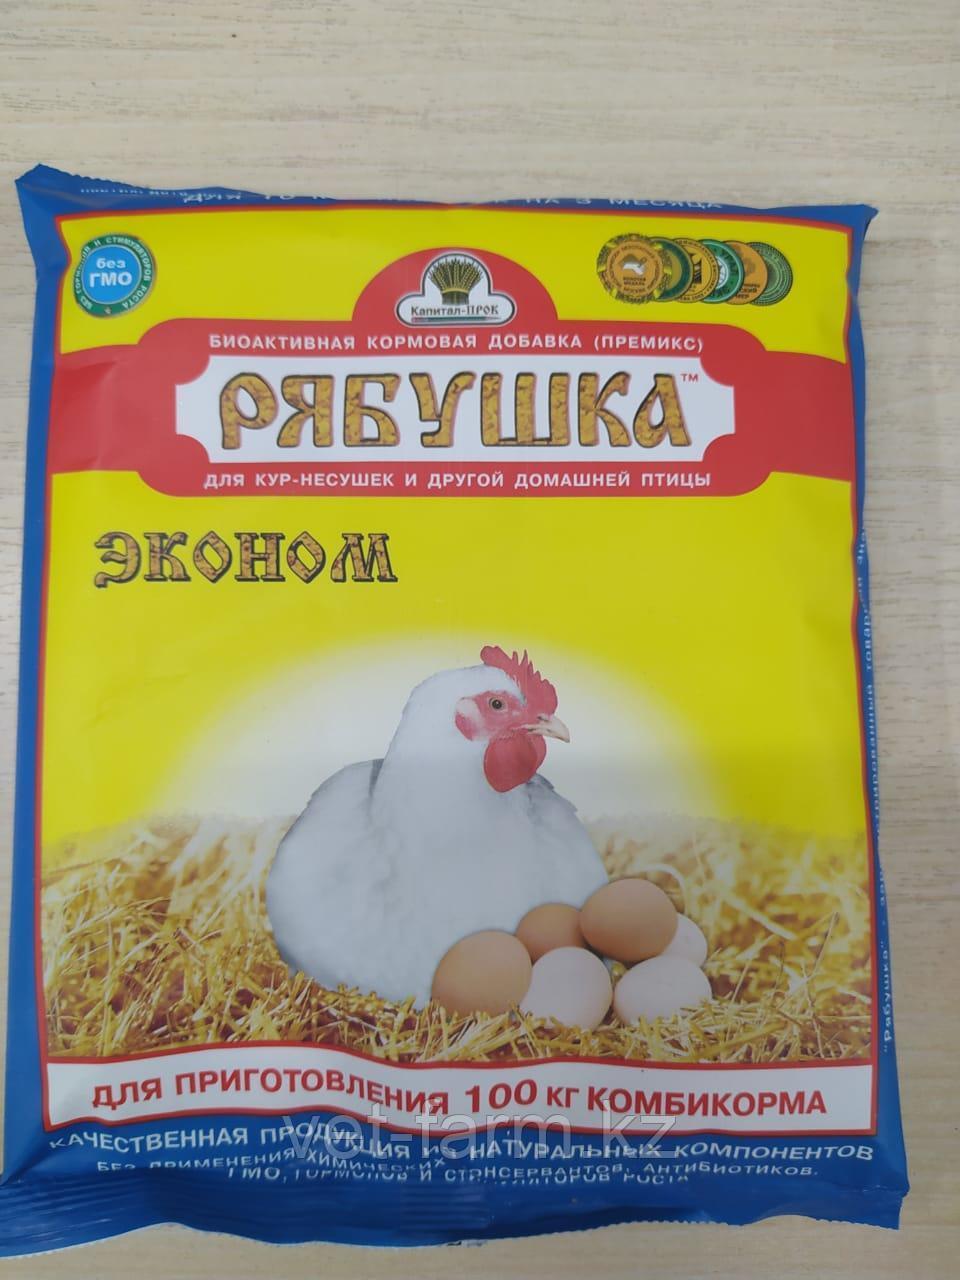 Премикс «Рябушка Эконом» Биоактивная кормовая добавка для взрослой птицы всех видов